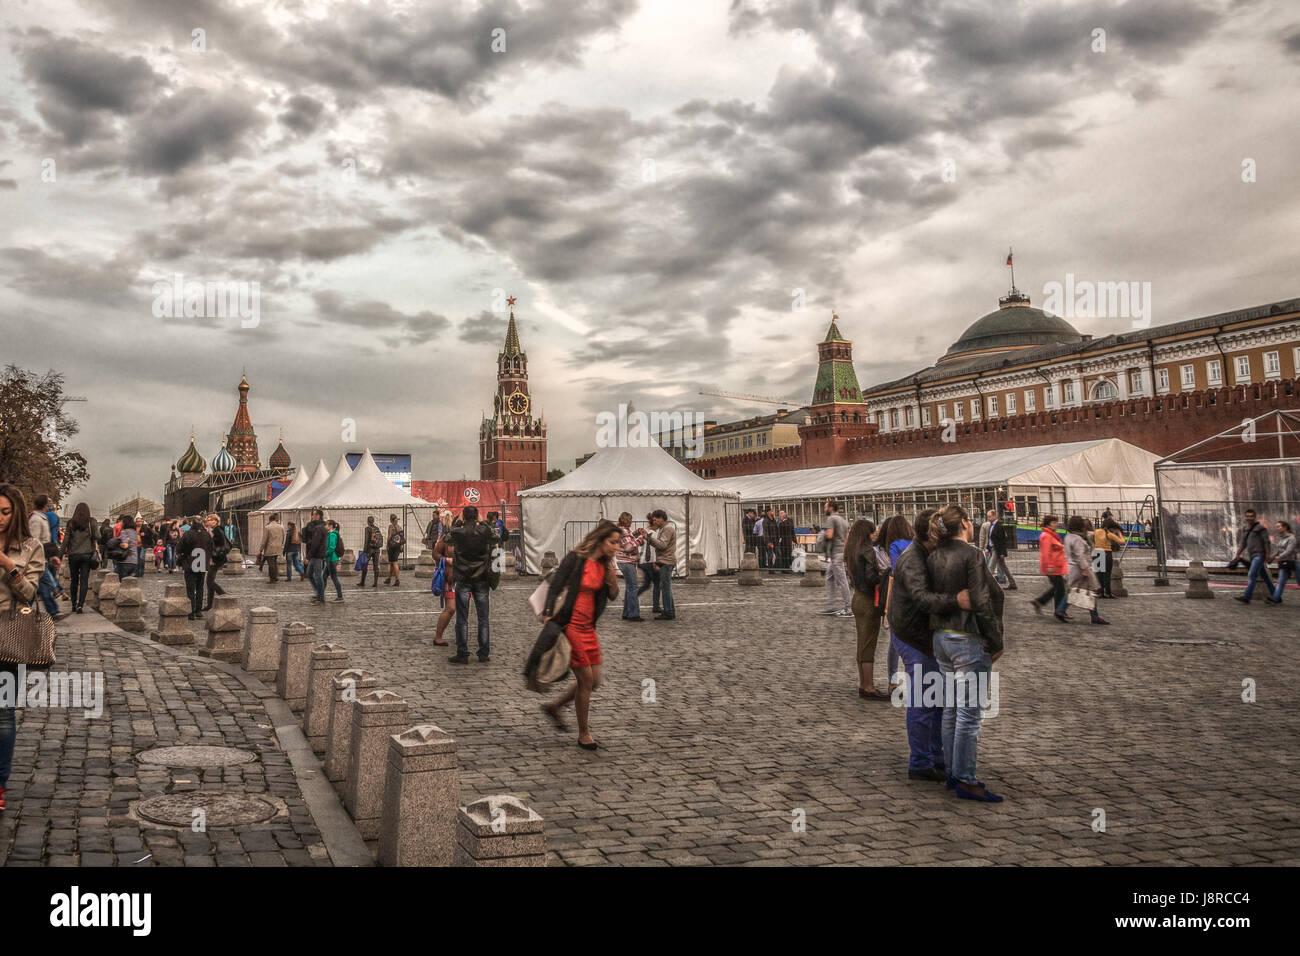 Russian Balagan at Red Square - Stock Image